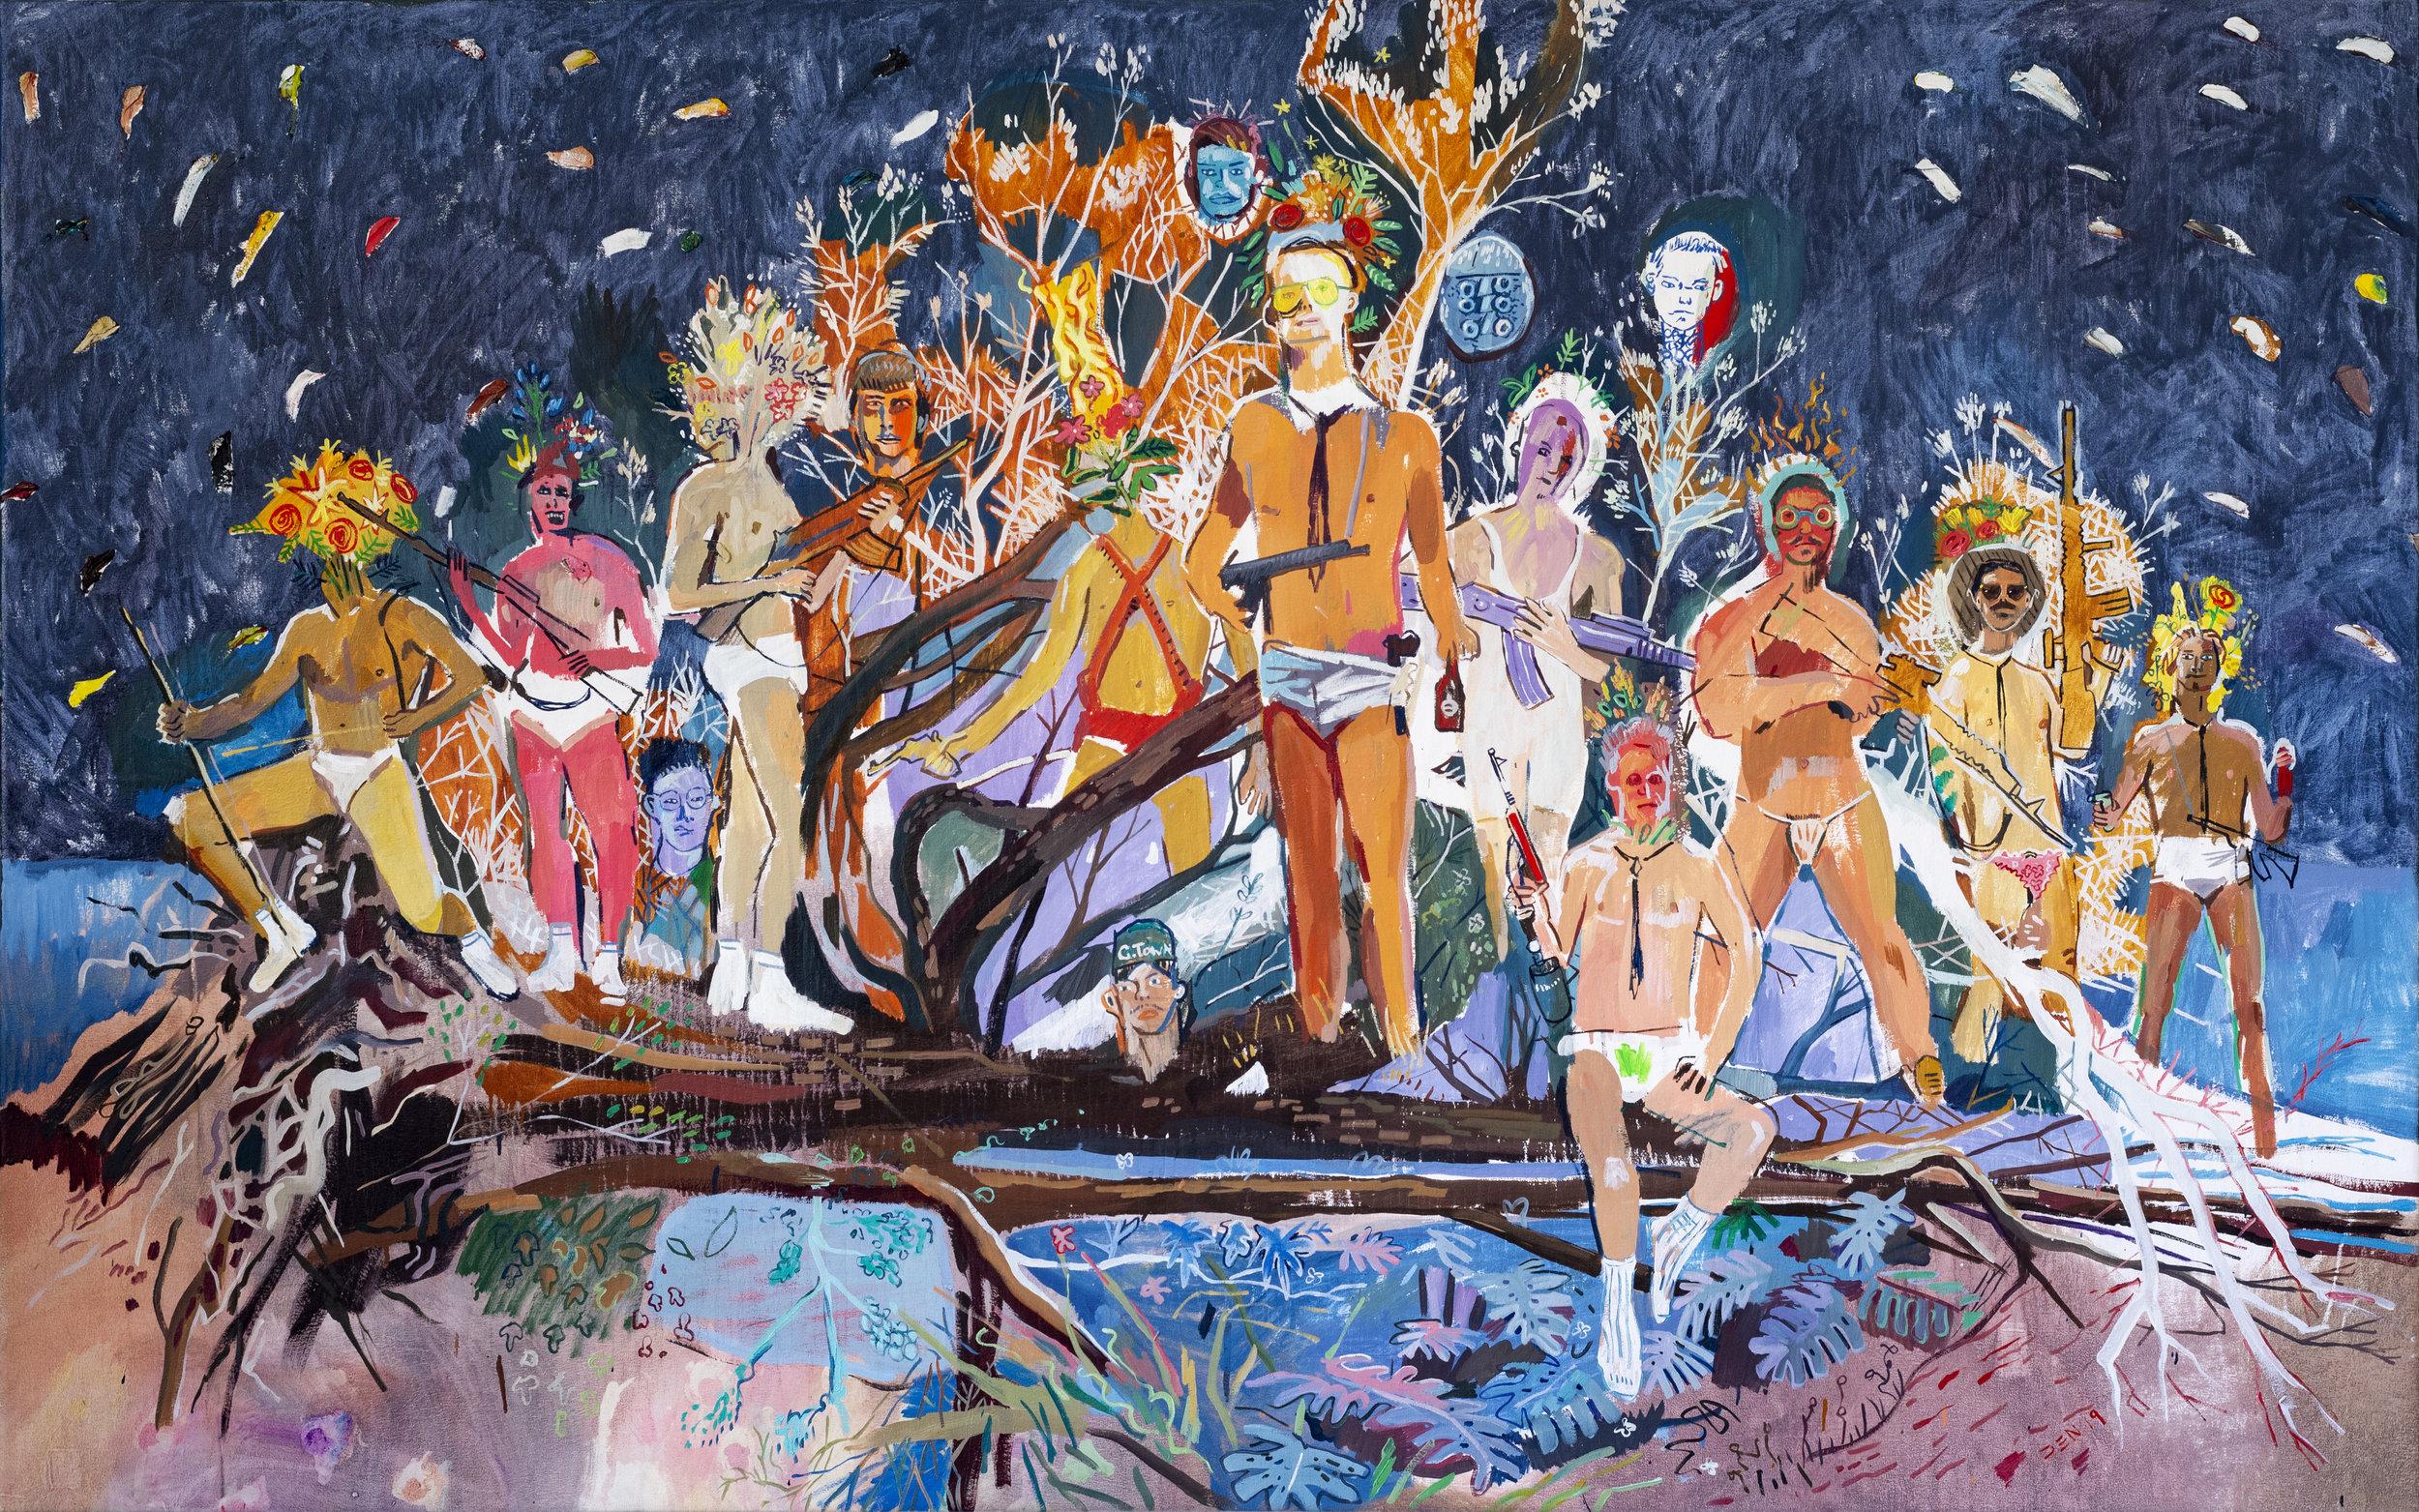 Suburban Park Ruffians, 2019, Oil on Canvas, 240cm x 150cm